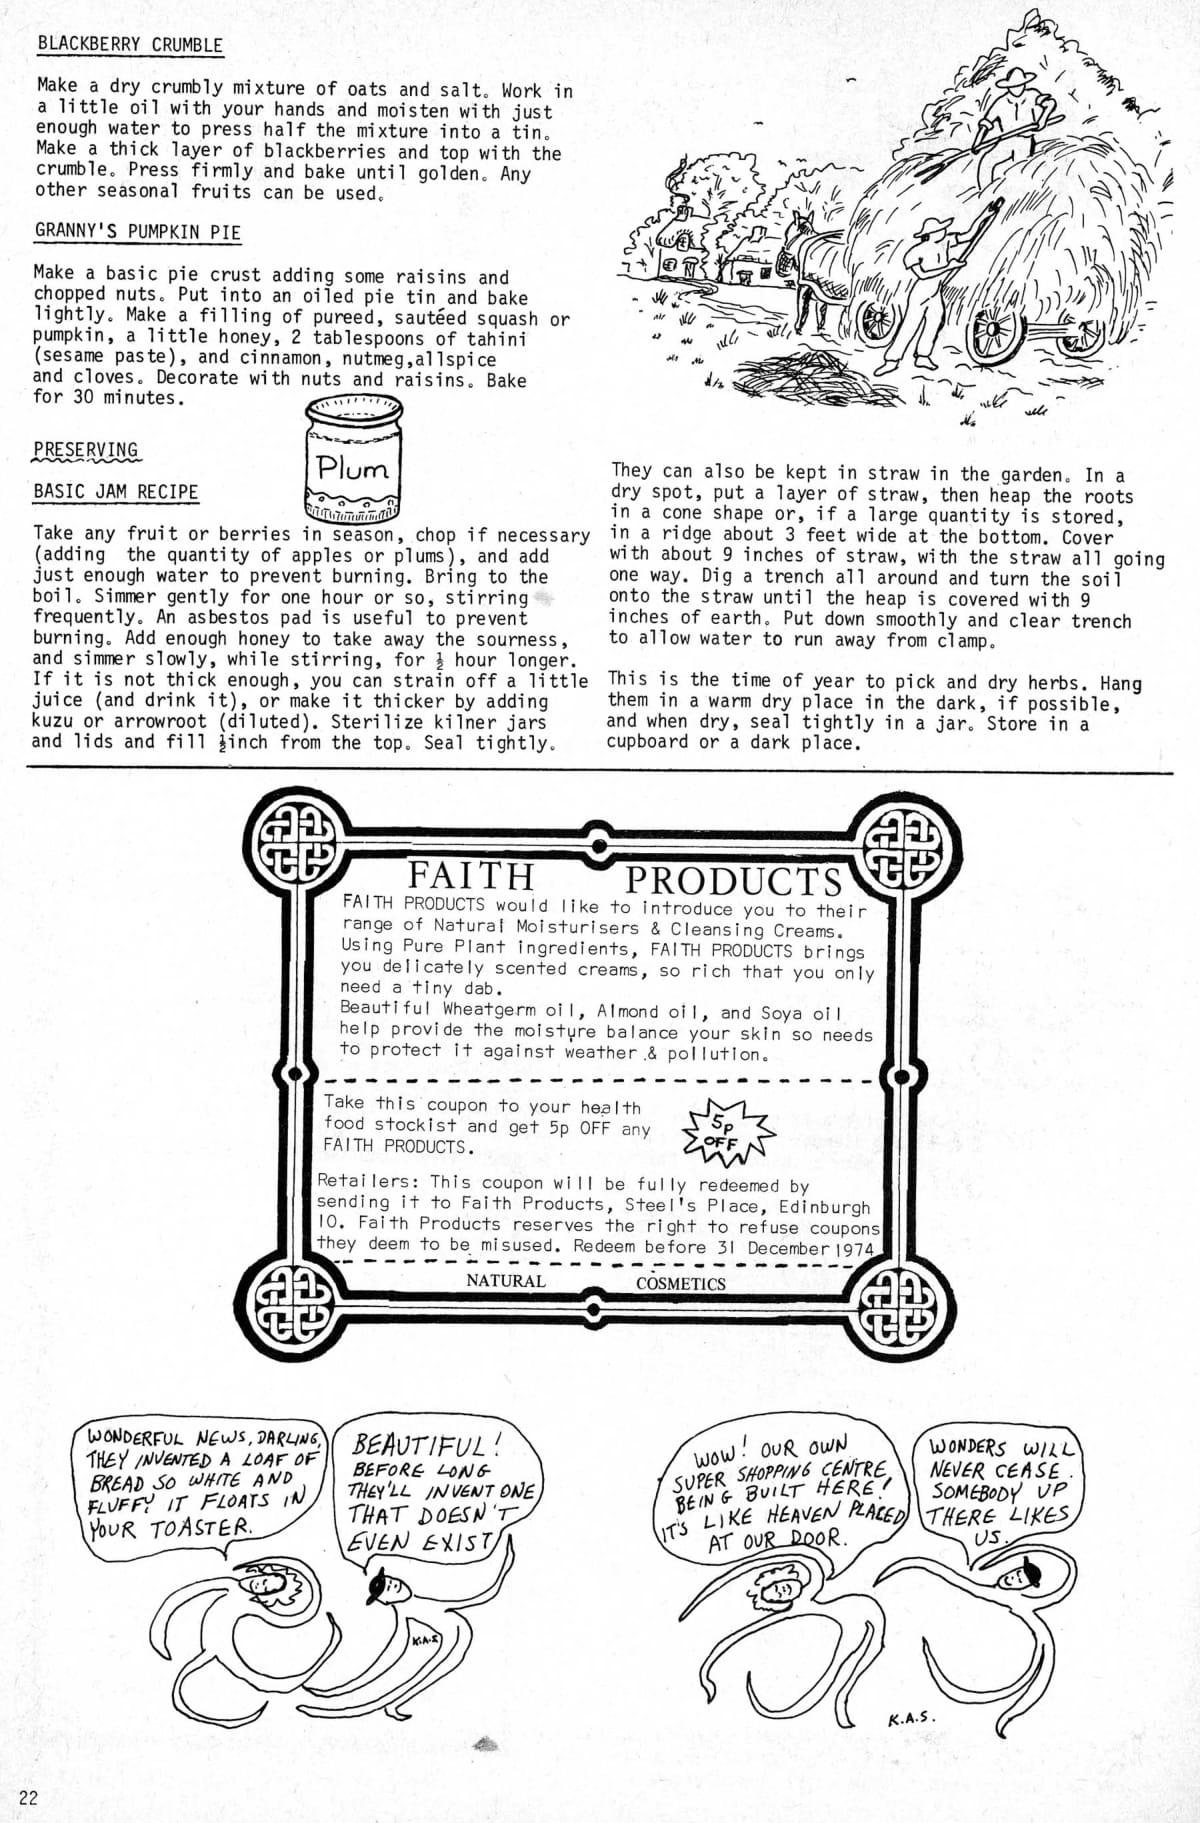 seed-v3-n9-sept1974-22.jpg